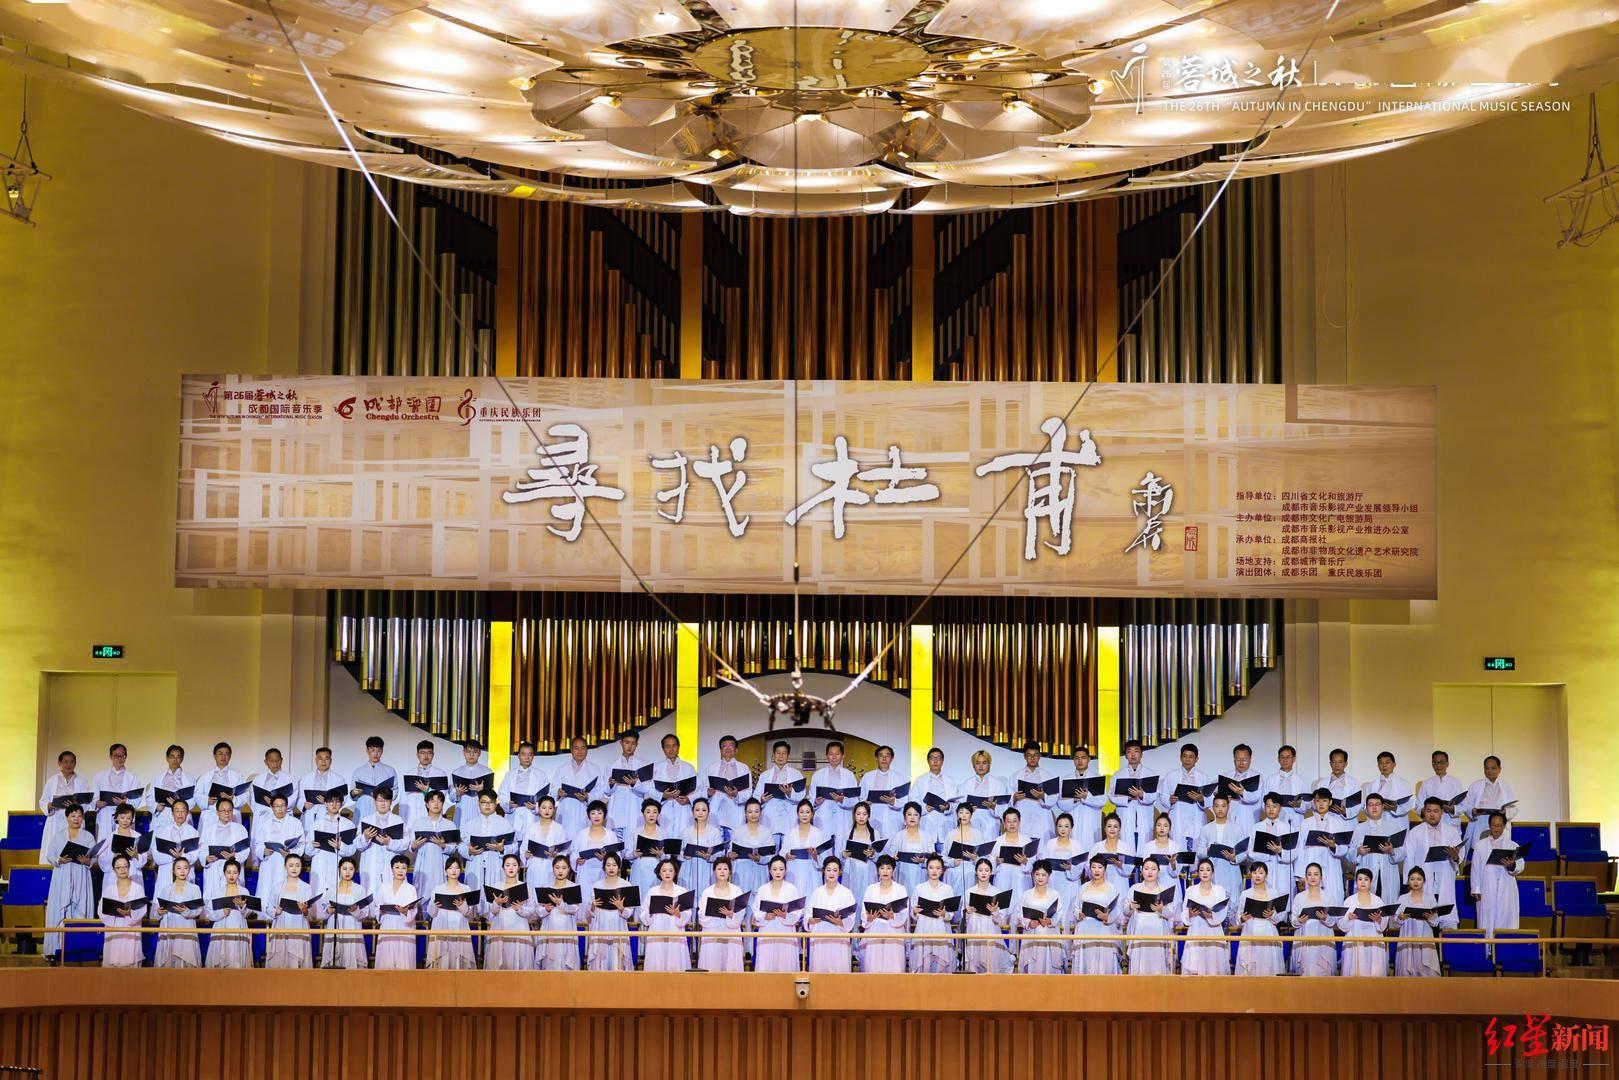 《寻找杜甫》民族音乐会蓉城上演 再现杜甫诗意诗境